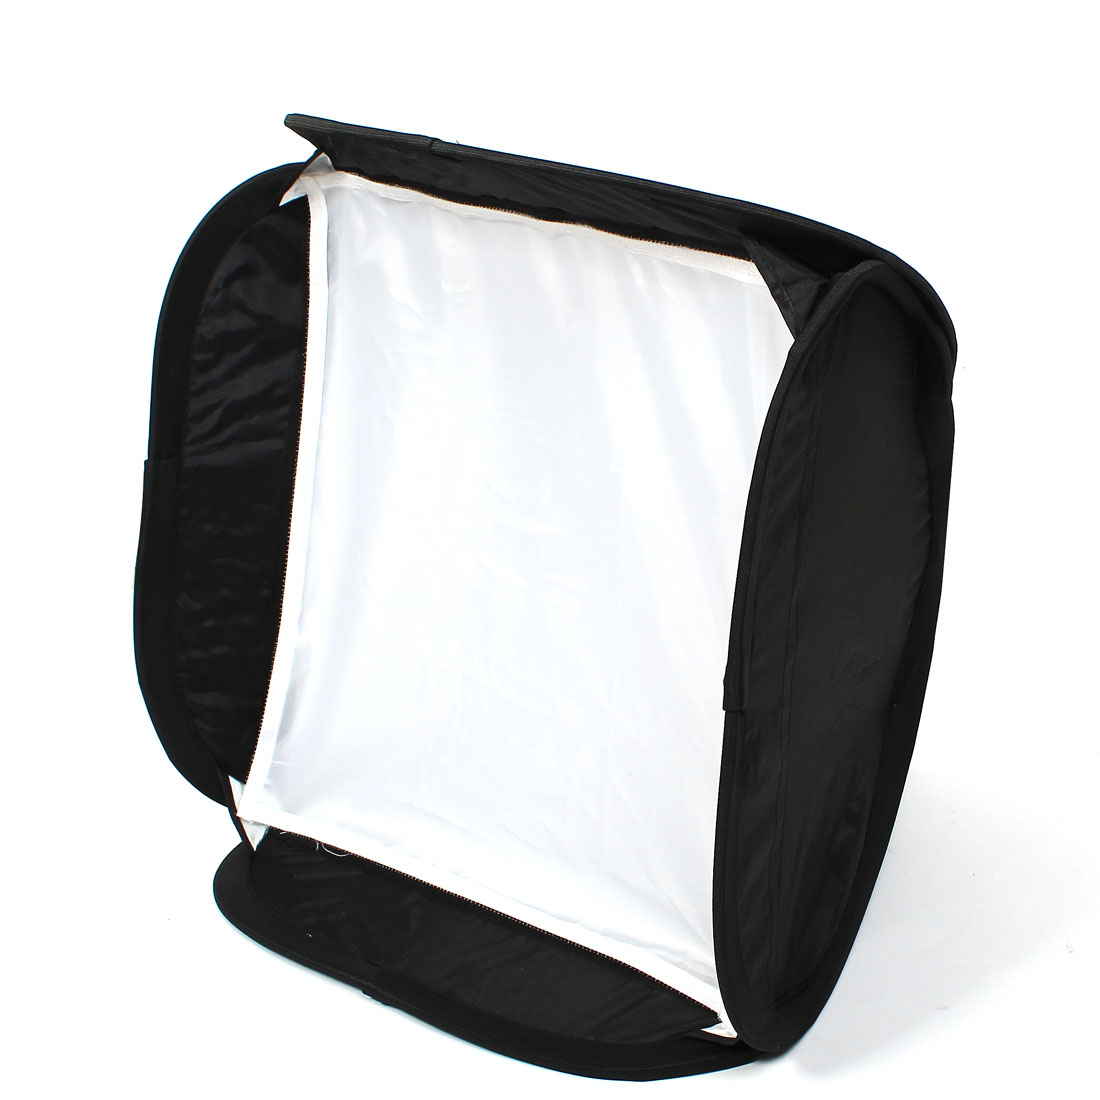 Black/Silver 40x40cm Umbrella Reflective Square Softbox